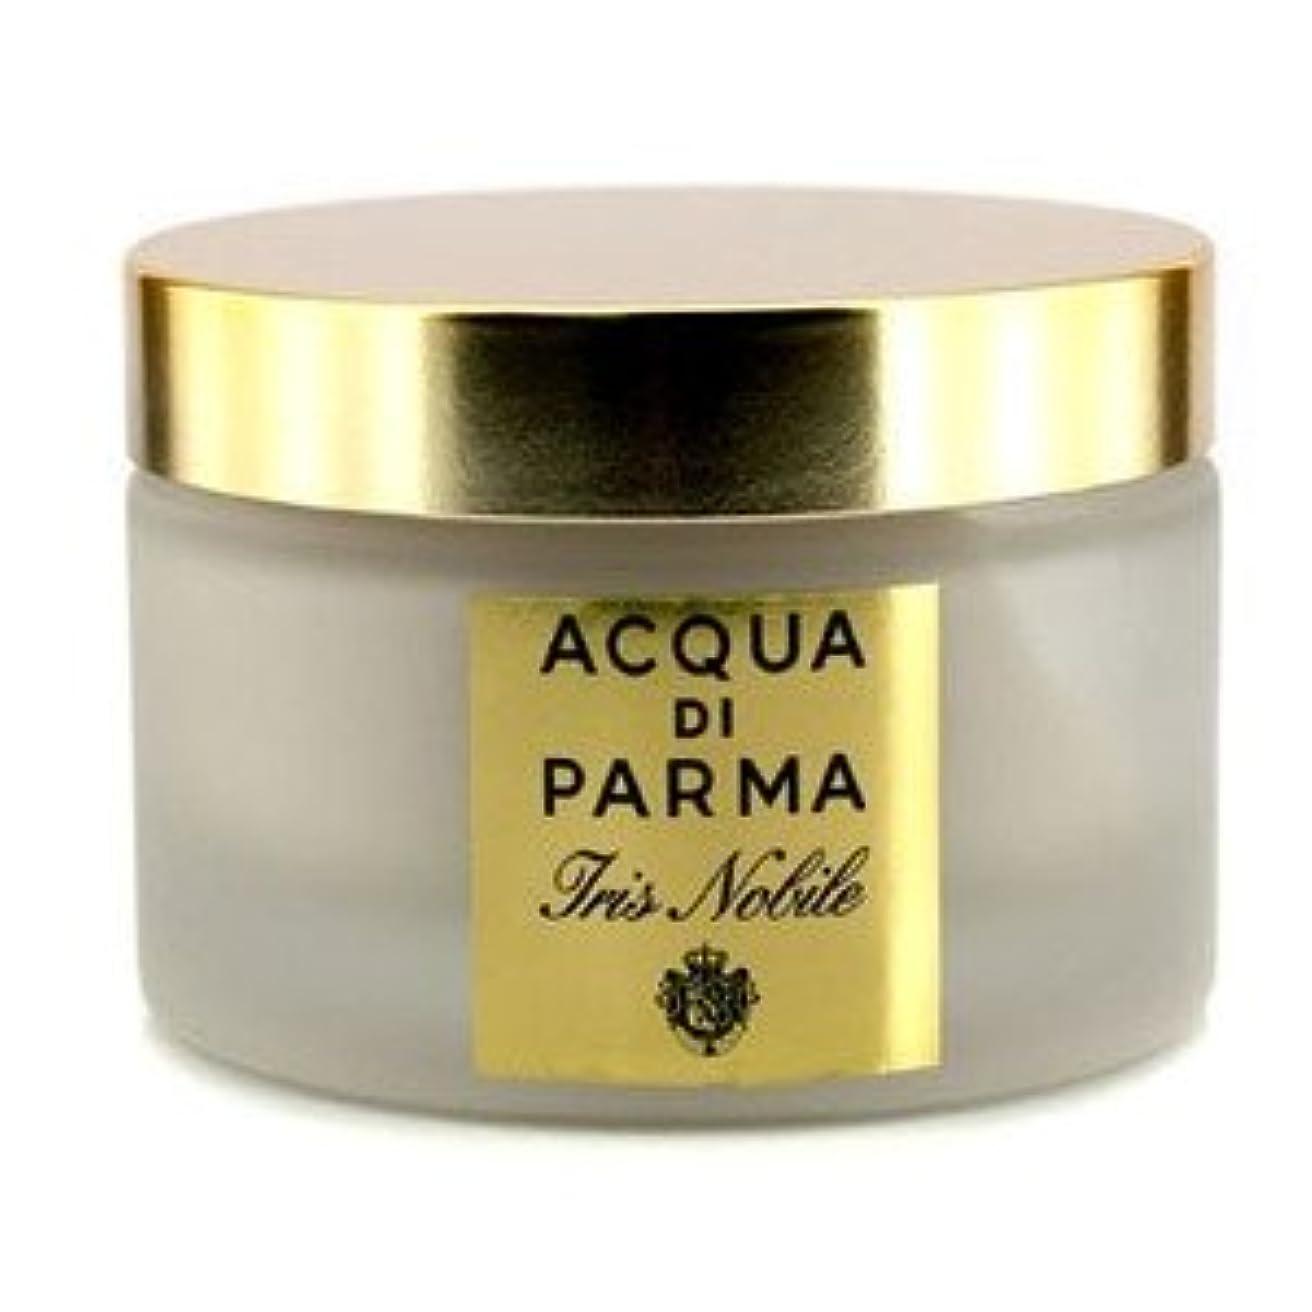 何故なのペインティングコスチュームアクア ディ パルマ[Acqua Di Parma] アイリス ノービル ルミナス ボディ クリーム 150g/5.25oz [並行輸入品]